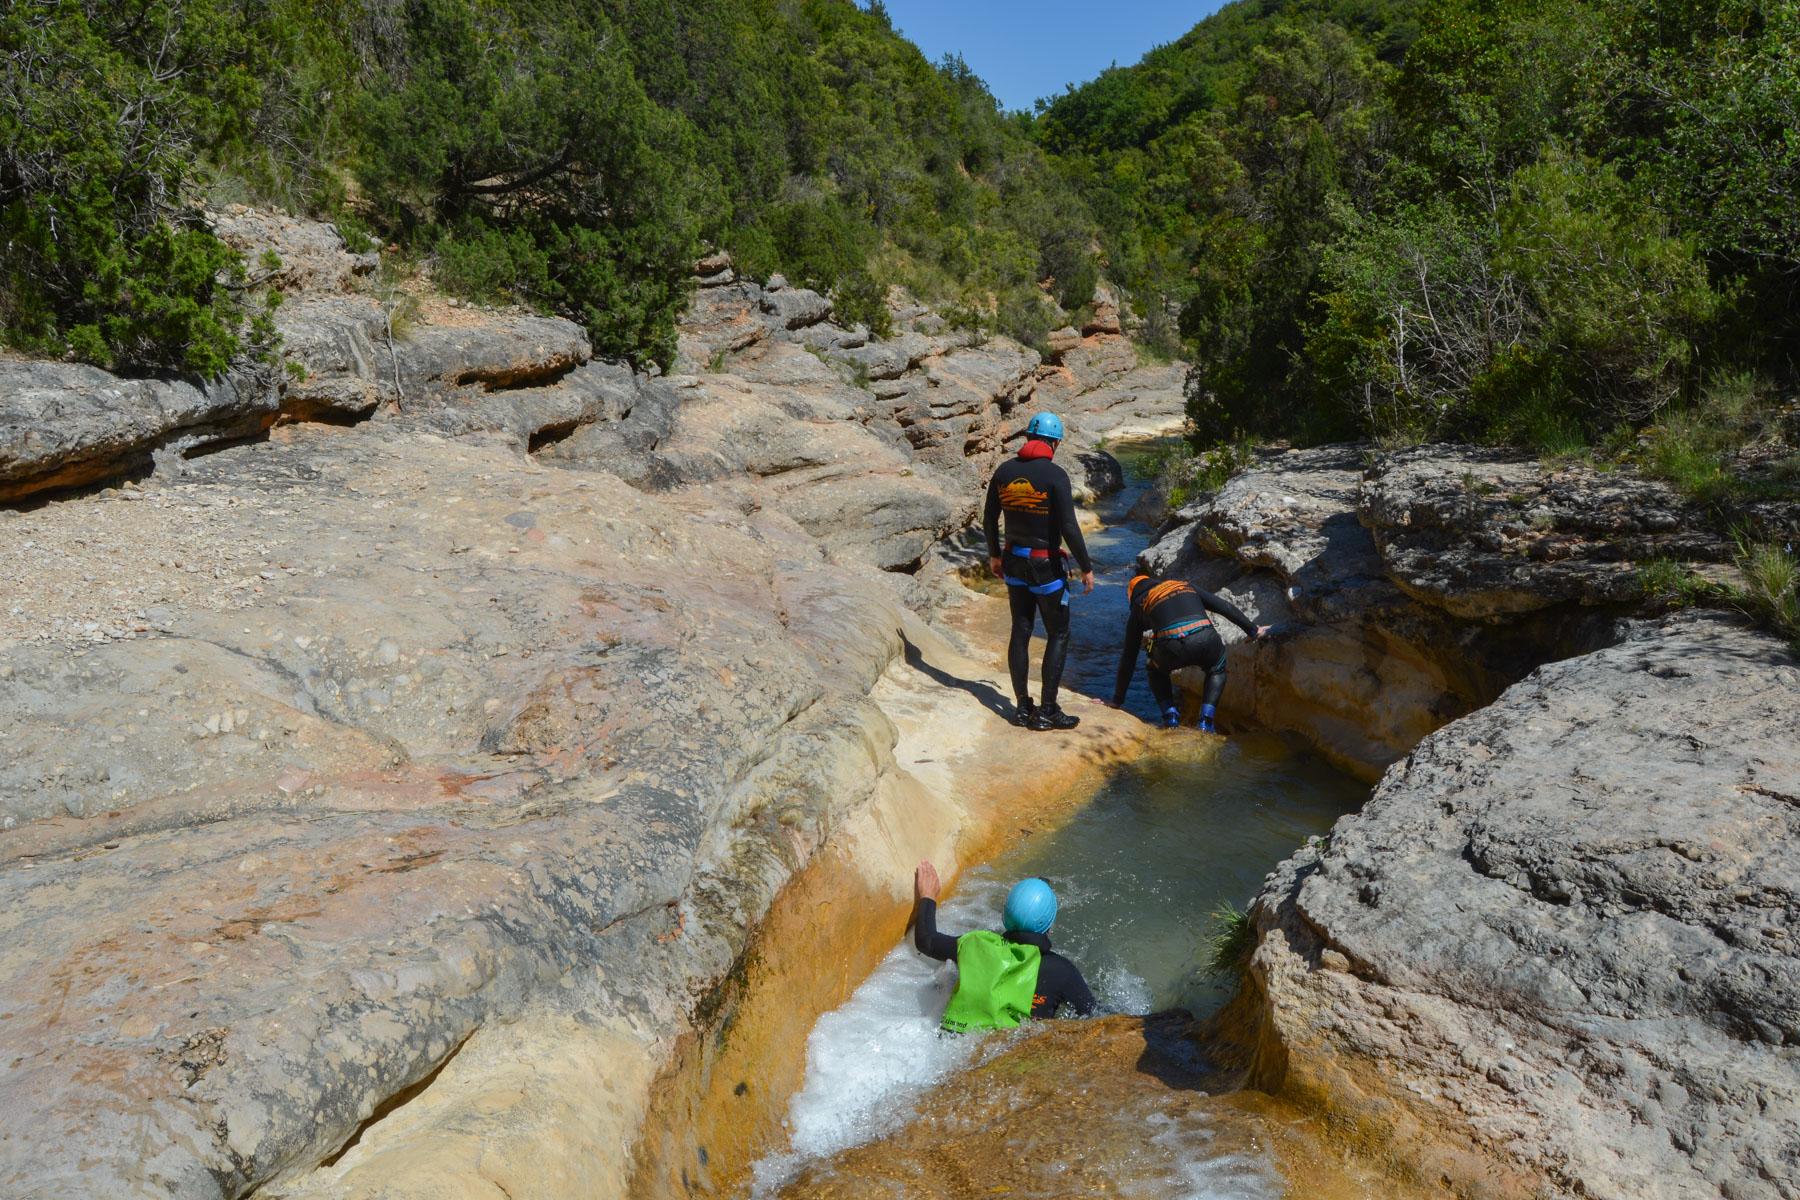 Barranco del Formiga, Sierra de Guara 46